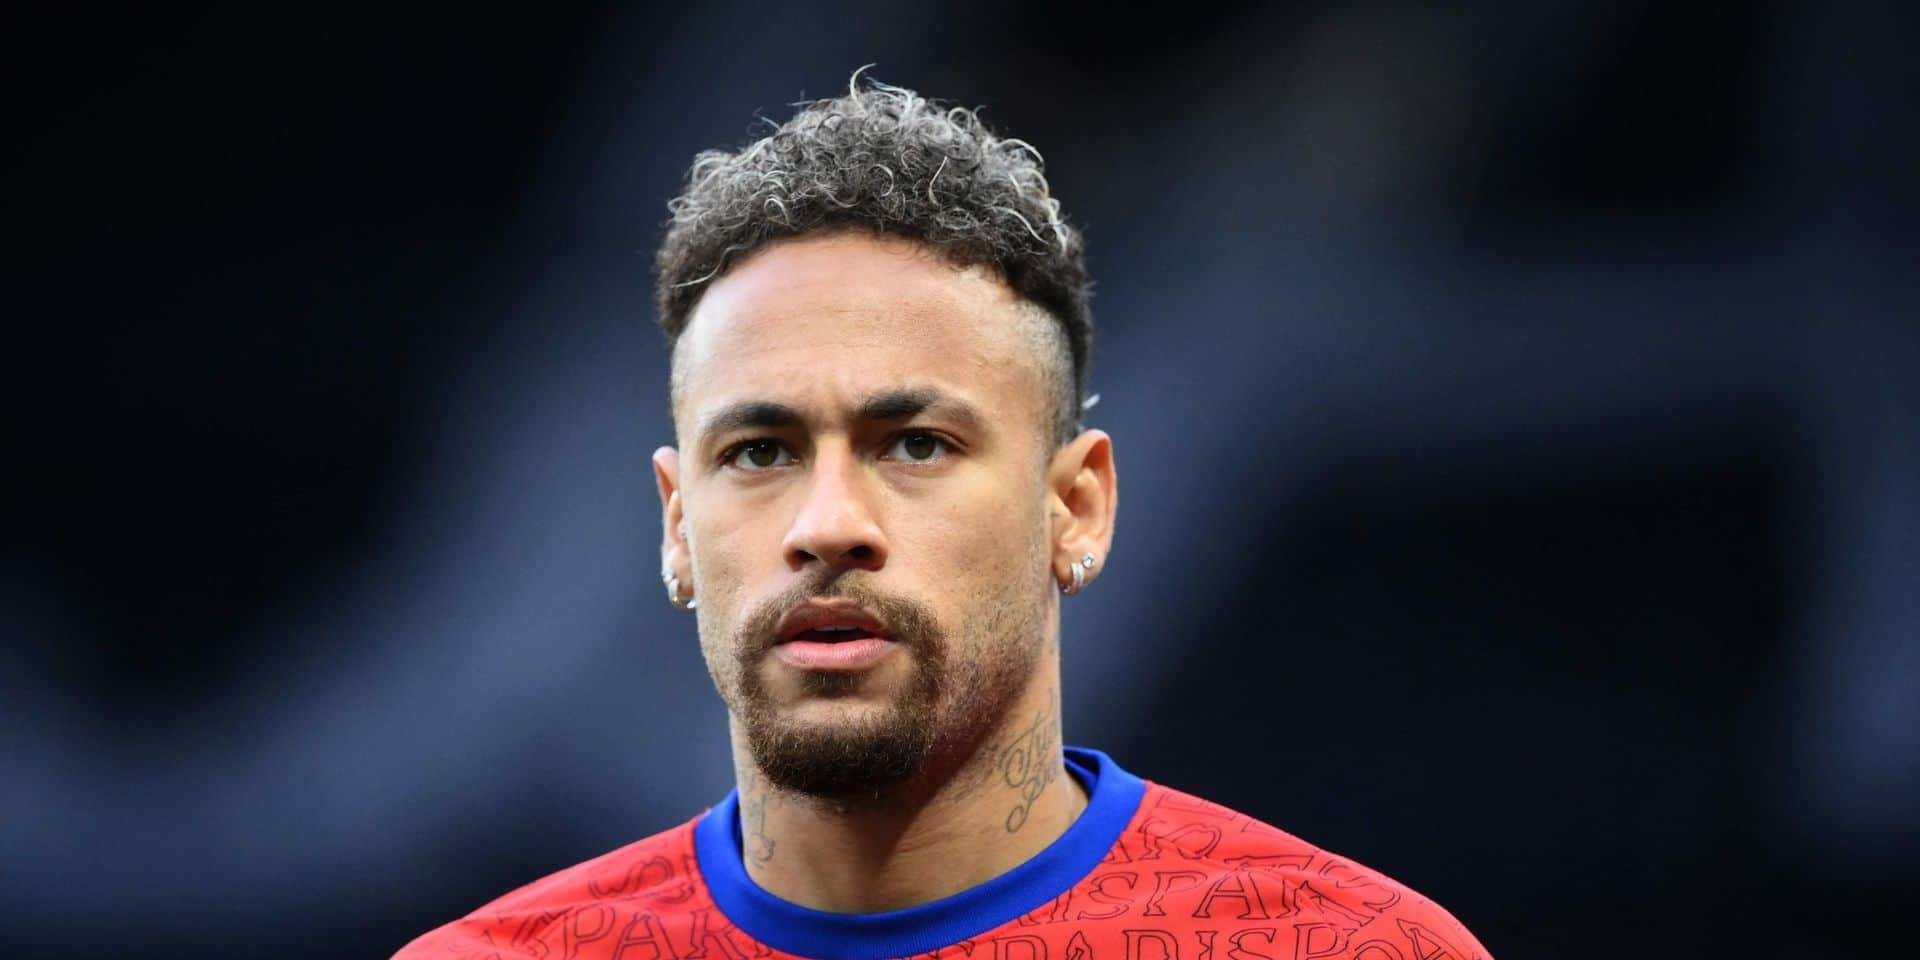 """Neymar répond à Nike: """"Leurs accusations sont absurdes et mensongères"""""""